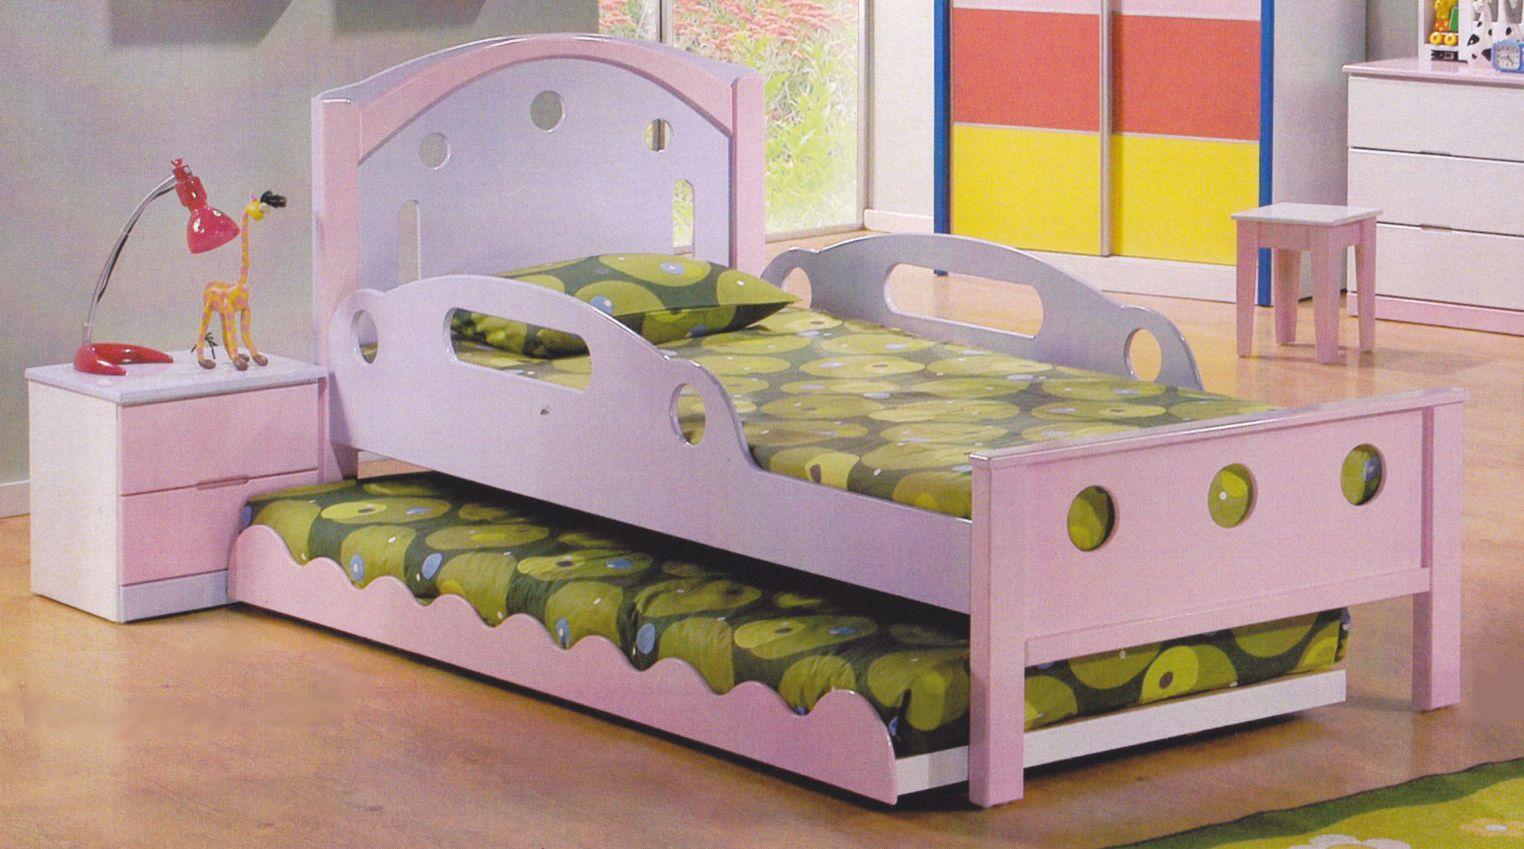 Boys Single Bed Frame Schlafzimmer Madchen Grosses Bett Jugendbett